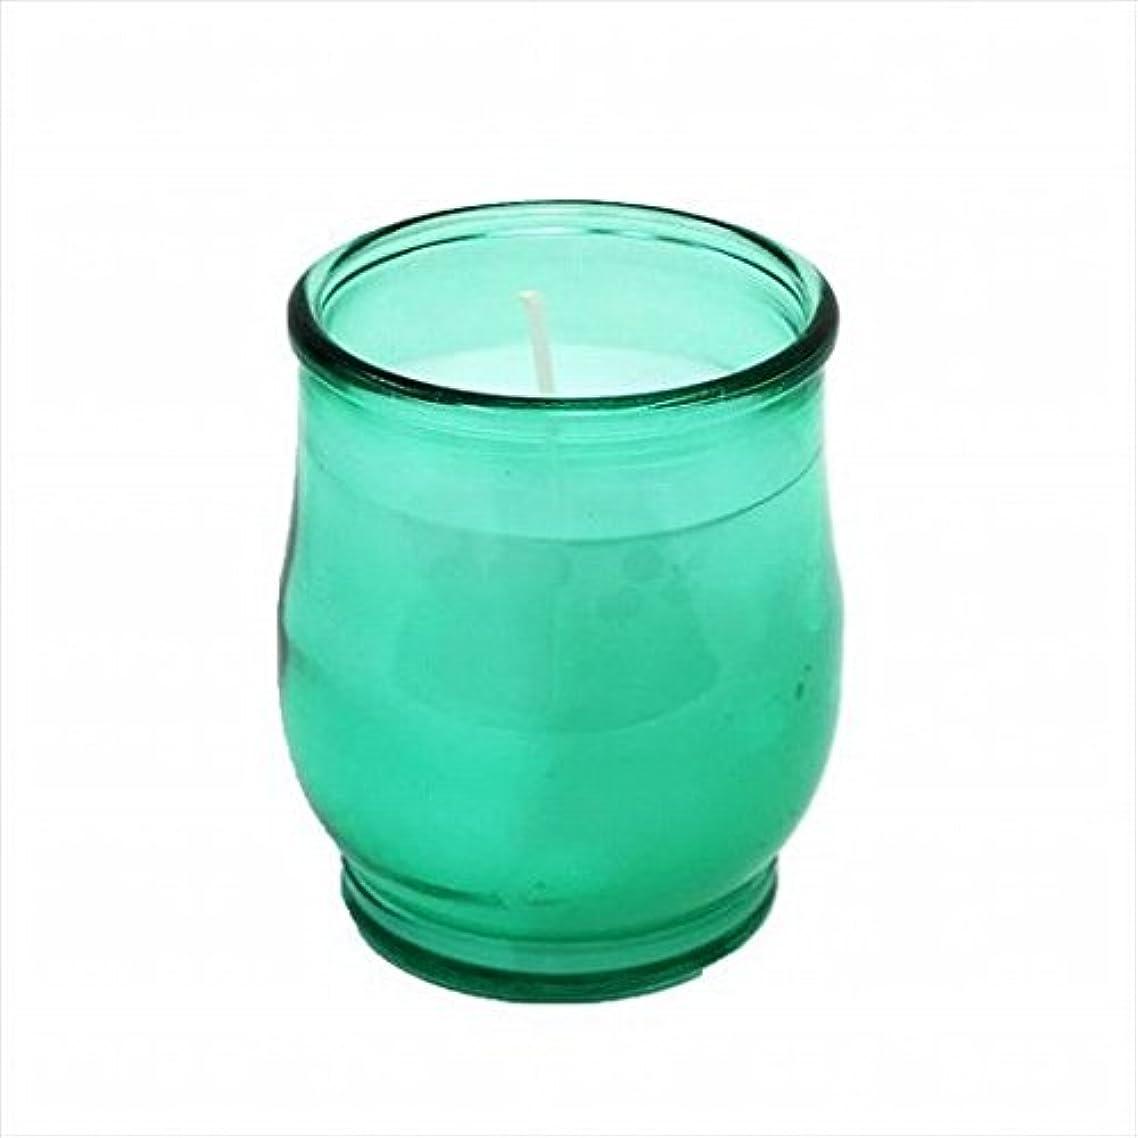 厚さシリーズボーカルkameyama candle(カメヤマキャンドル) ポシェ(非常用コップローソク) 「 グリーン(ライトカラー) 」 キャンドル 68x68x80mm (73020030G)